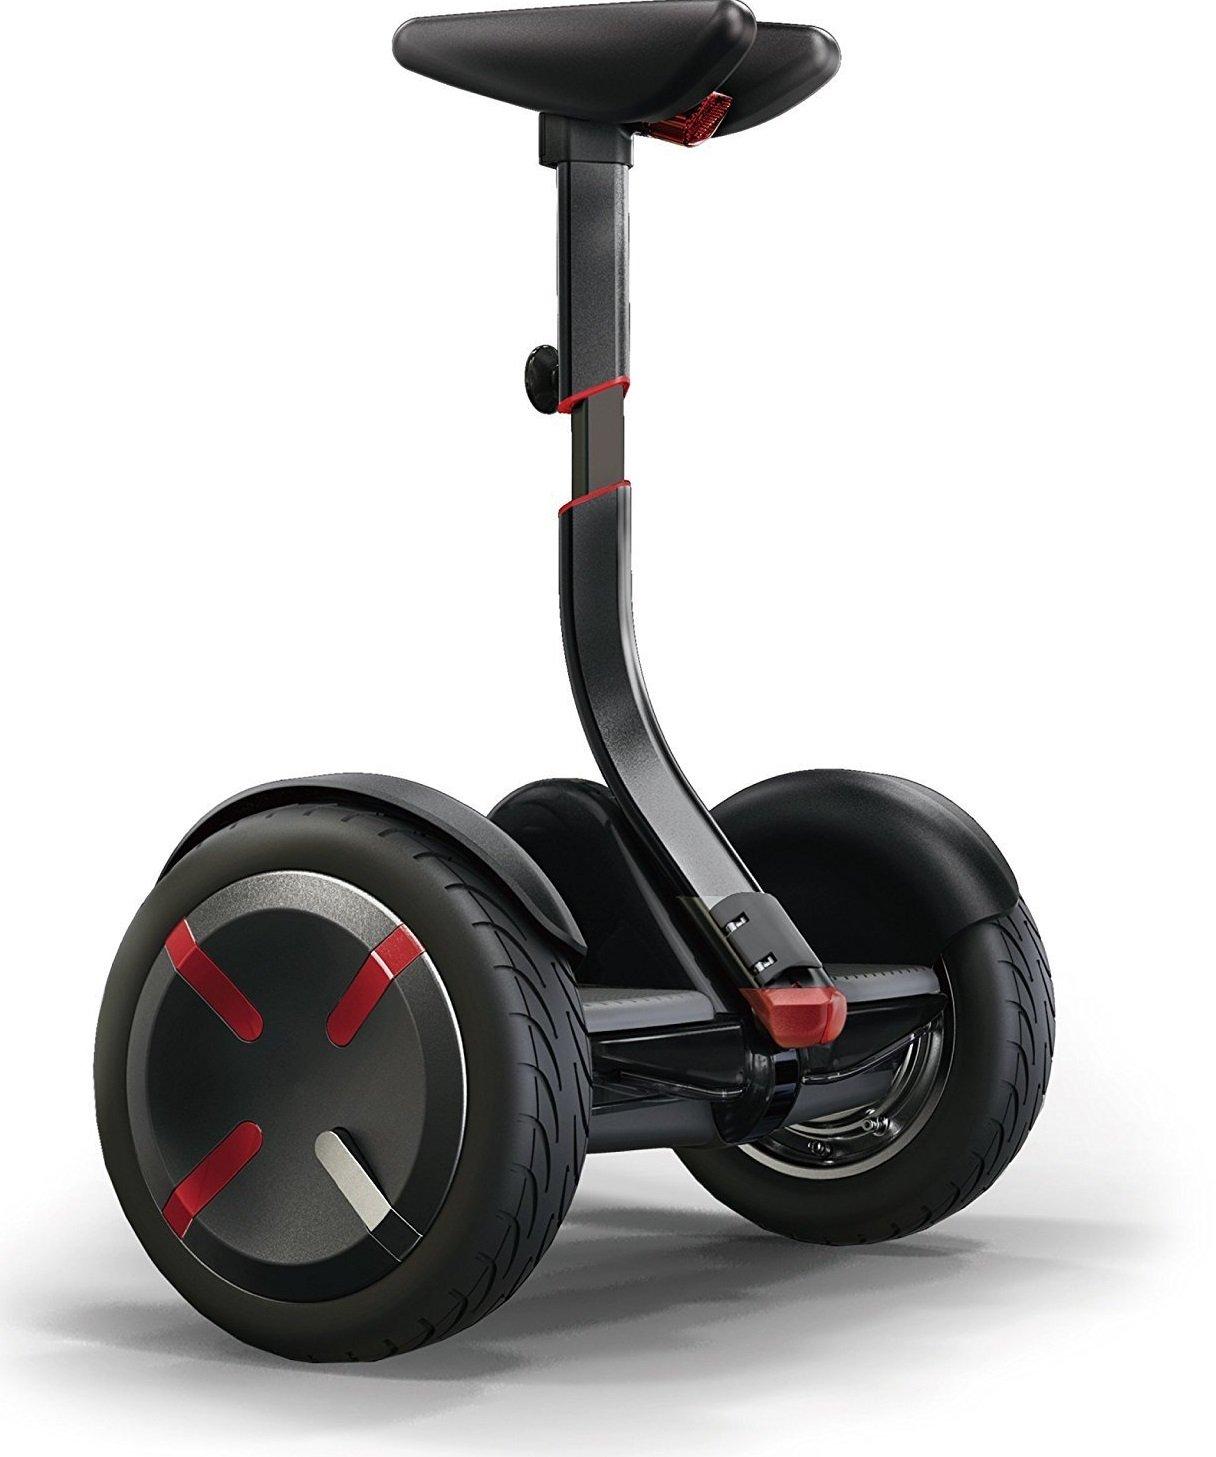 【Amazon.co.jp限定】ninebot(ナインボット) Ninebot mini Pro(ナインボットミニプロ) 軽量でコンパクト、かんたん操作 バランススクーター ※保証期間1年付き B0187585ZQ ブラック ブラック